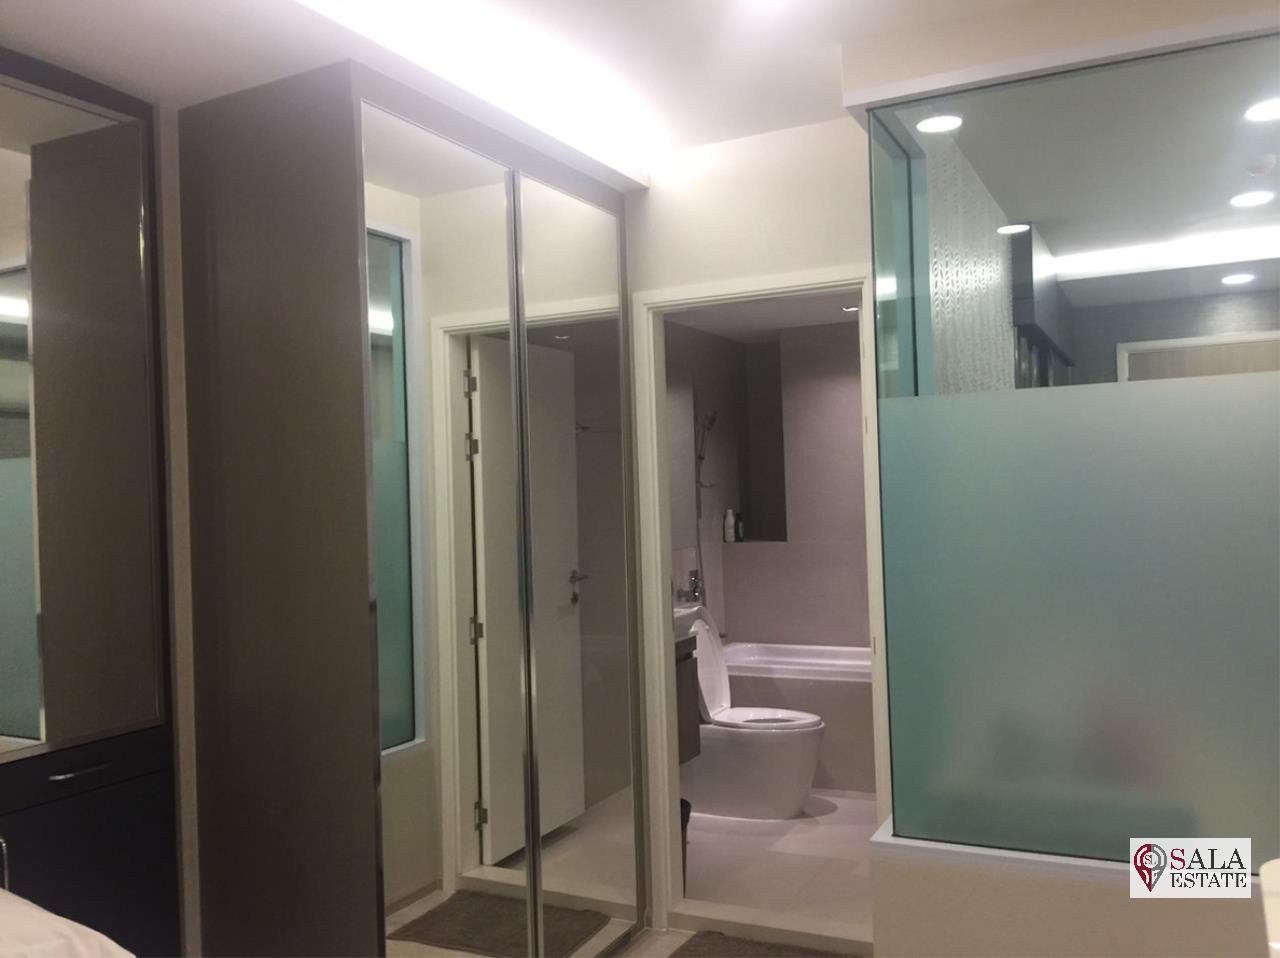 SALA ESTATE Agency's ( FOR RENT ) VTARA SUKHUMVIT 36 - BTS THONG LO , 1 BEDROOM 1 BATHROOM, FULLY FURNISHED 10